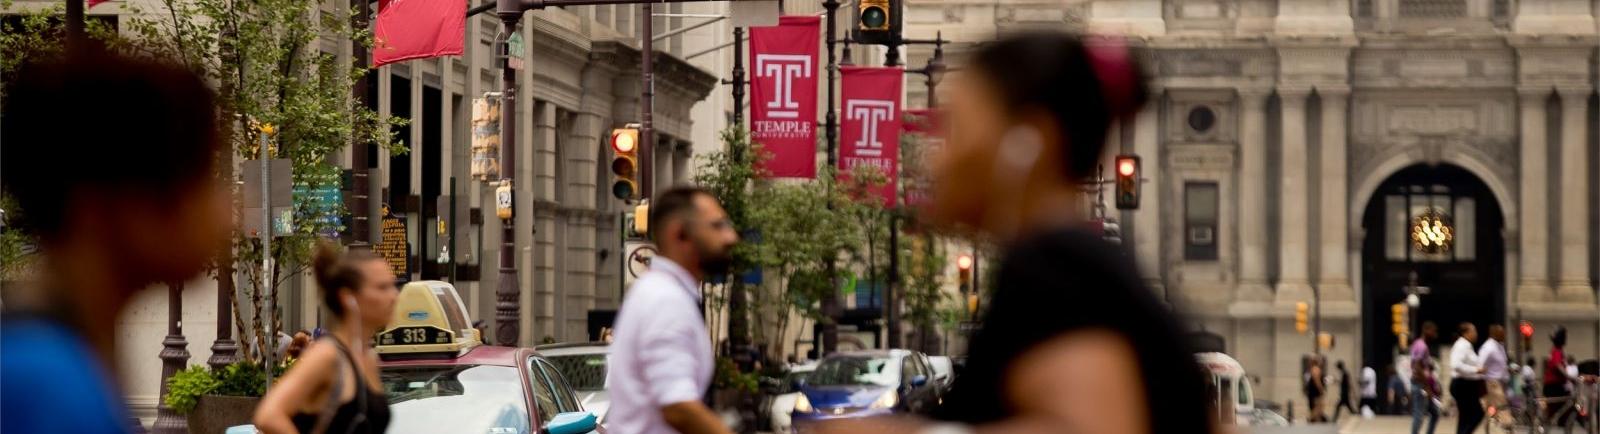 Temple Center City Campus